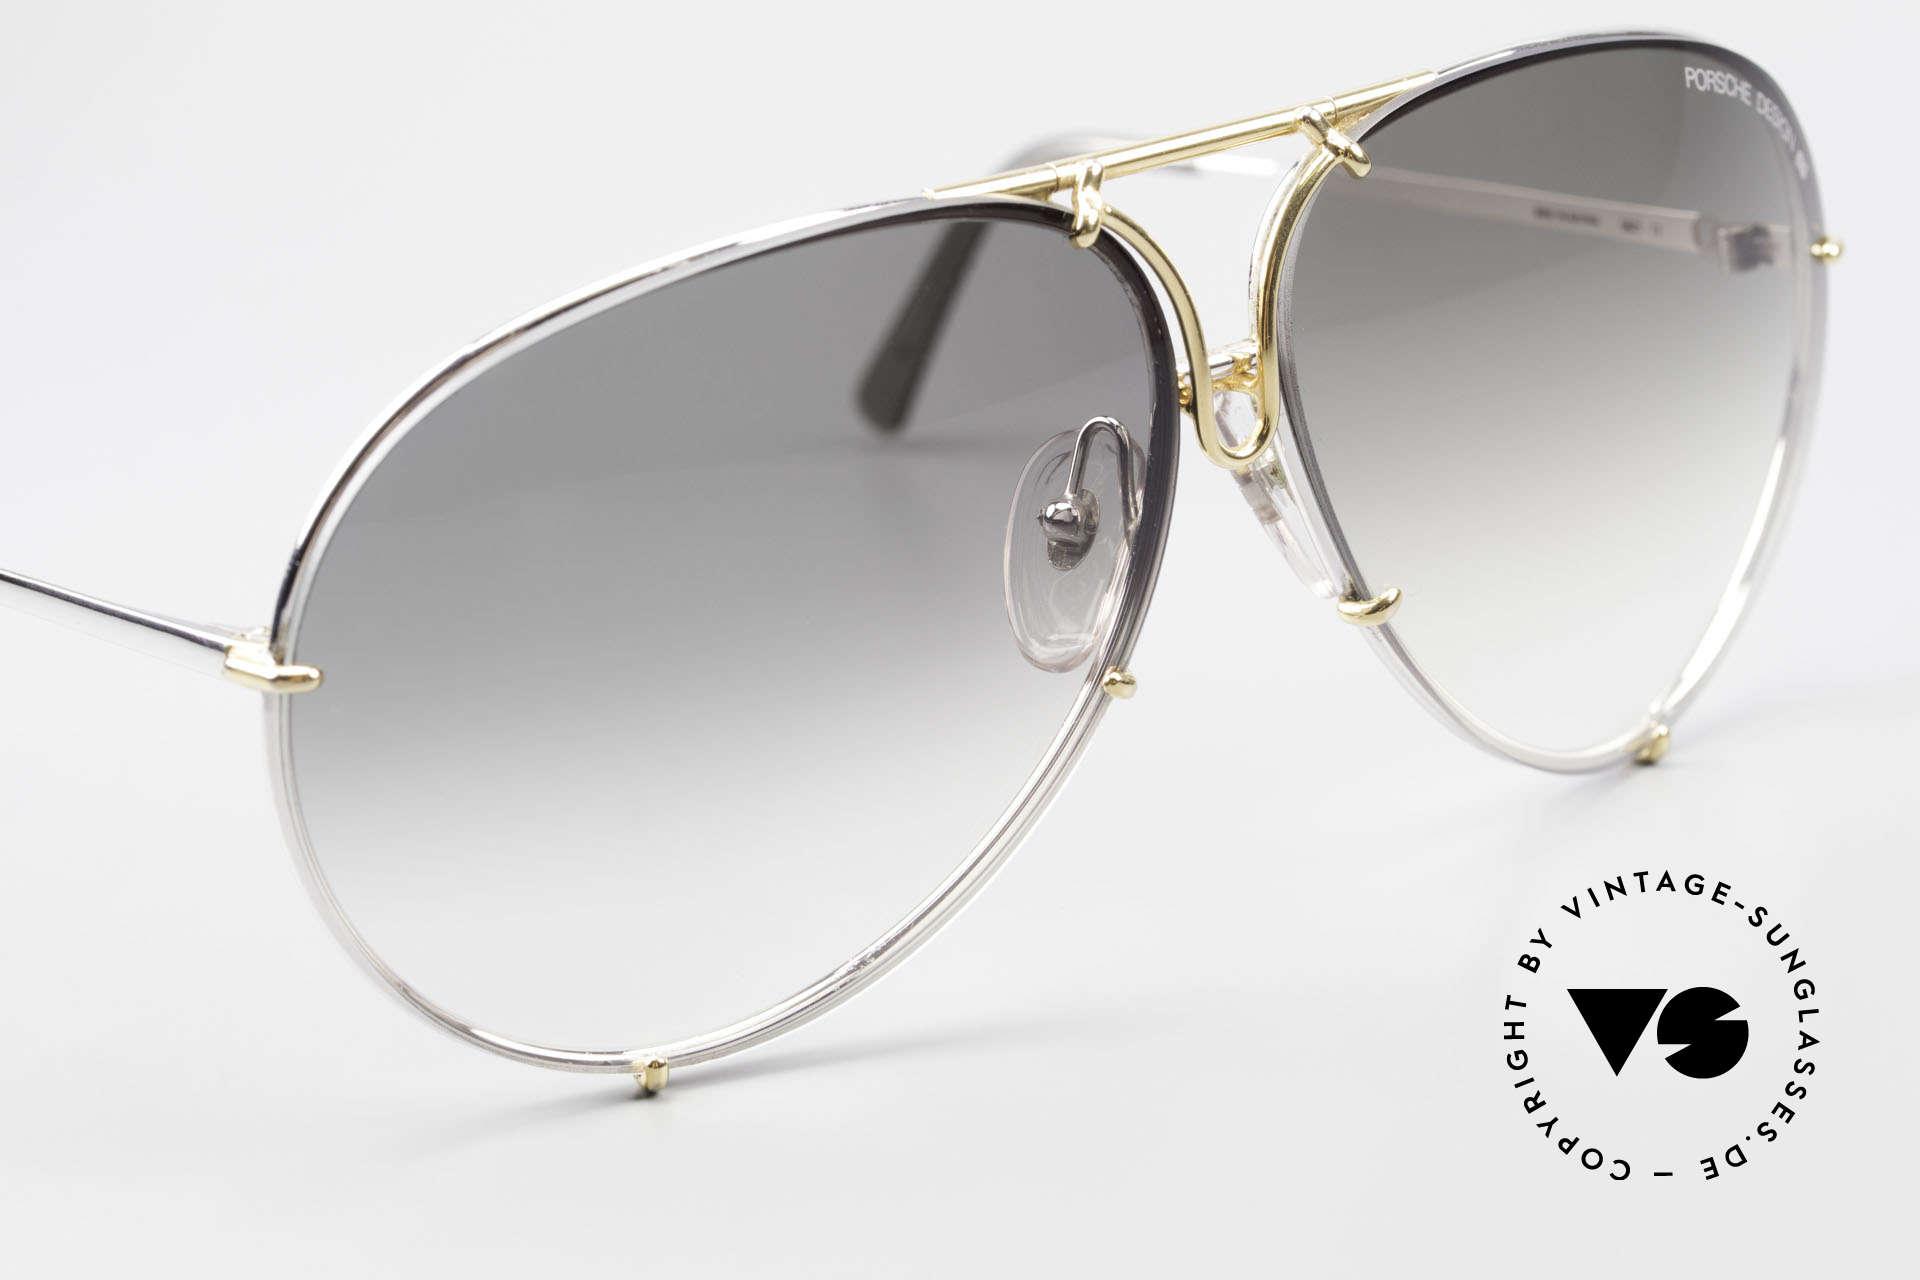 Porsche 5621 1980er Sonnenbrille Bicolor, ungetragene 80er Rarität und KEINE RETRO-Brille!, Passend für Herren